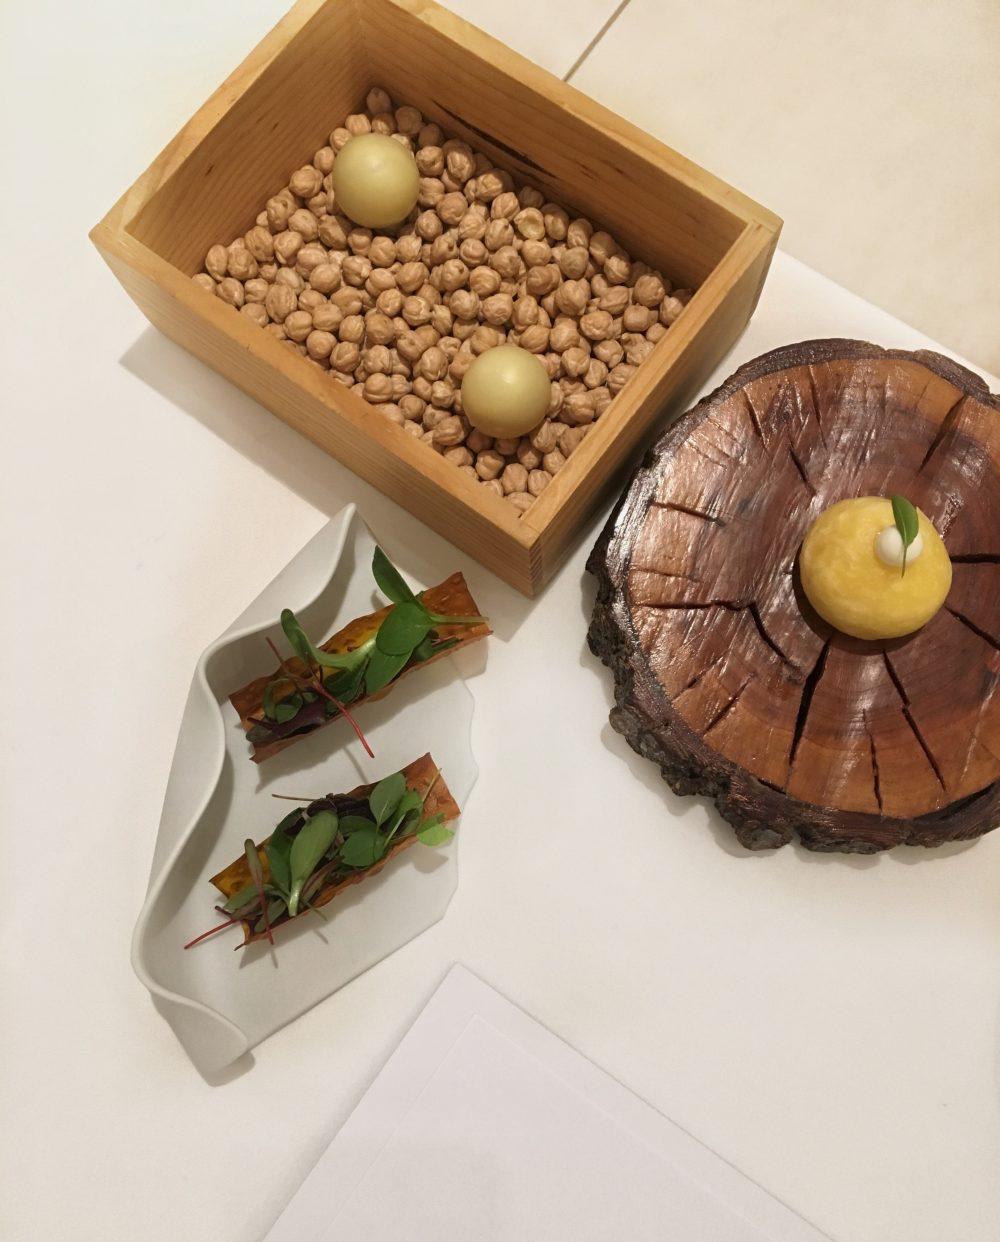 Quintessenza - Perla al burro di cacao e melanzana affumicata, panino al vapore e maionese di ostriche, cialda di carote misticanza e gel al frutto della passione